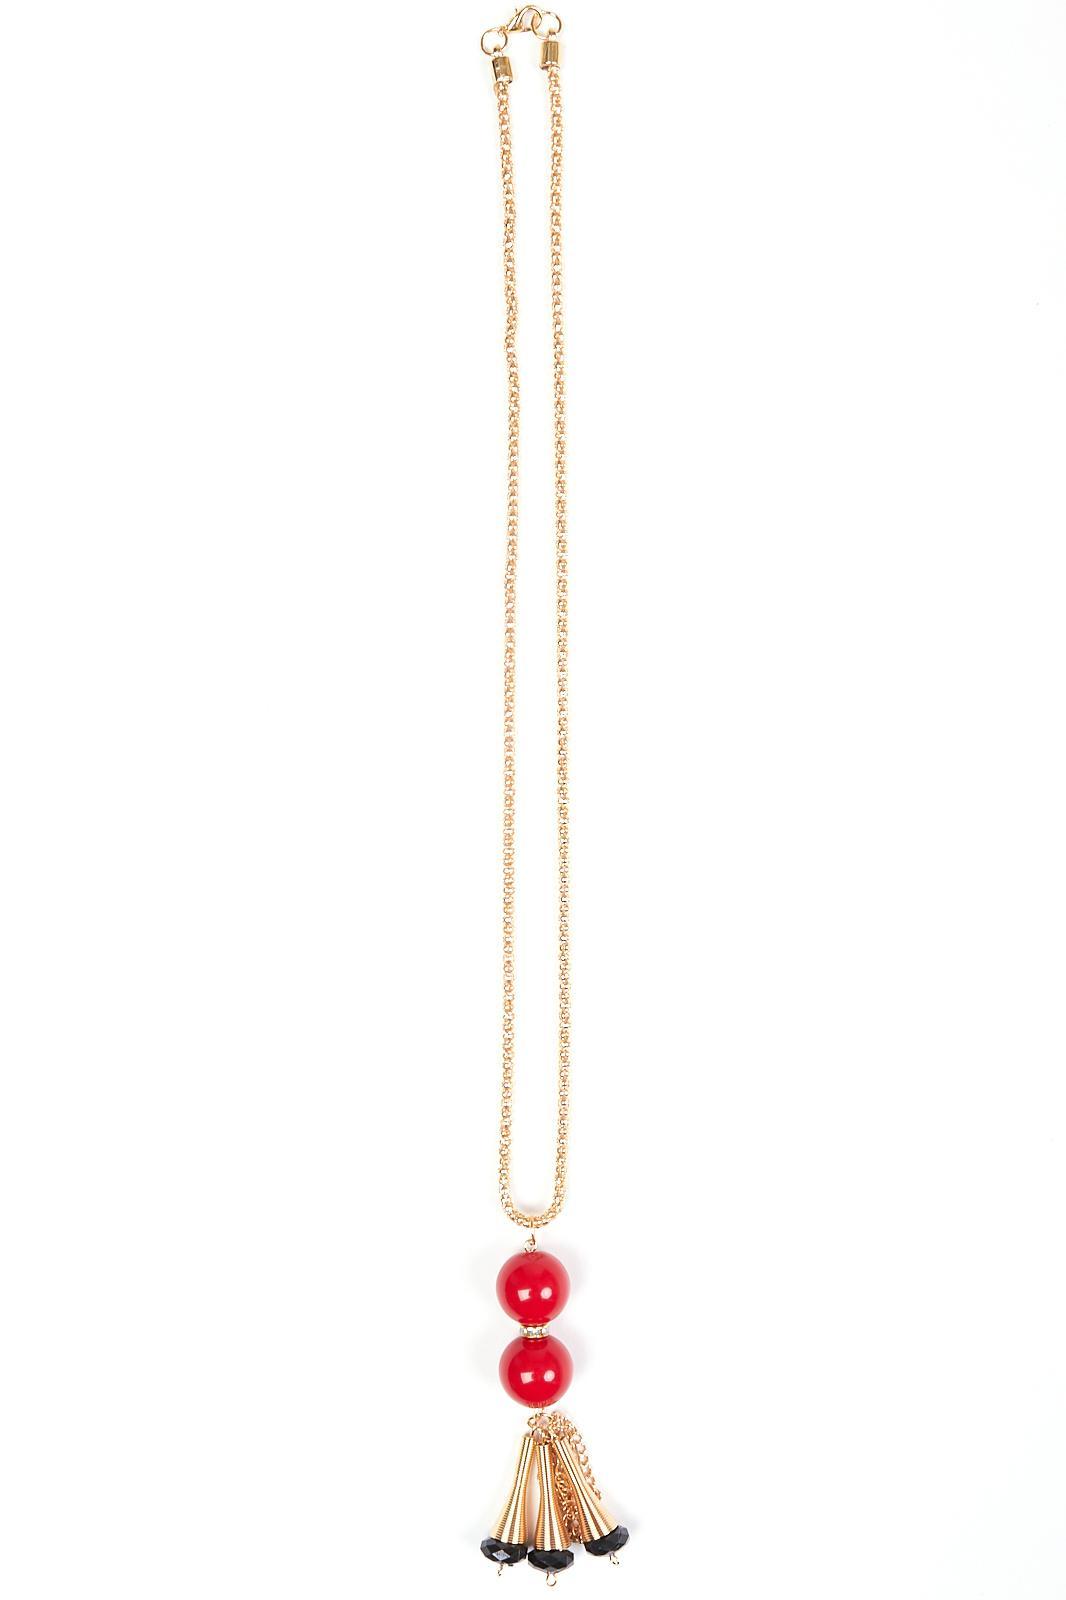 Купить Подвеска Fashion Jewelry, Красные шарики золотистый, Китай